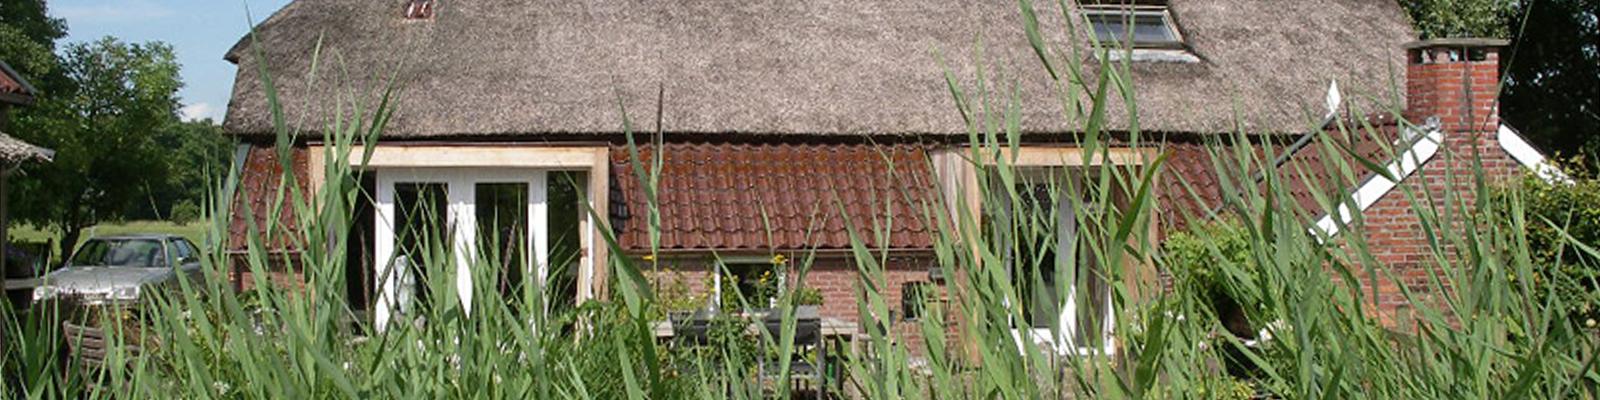 Boerderij in Peize